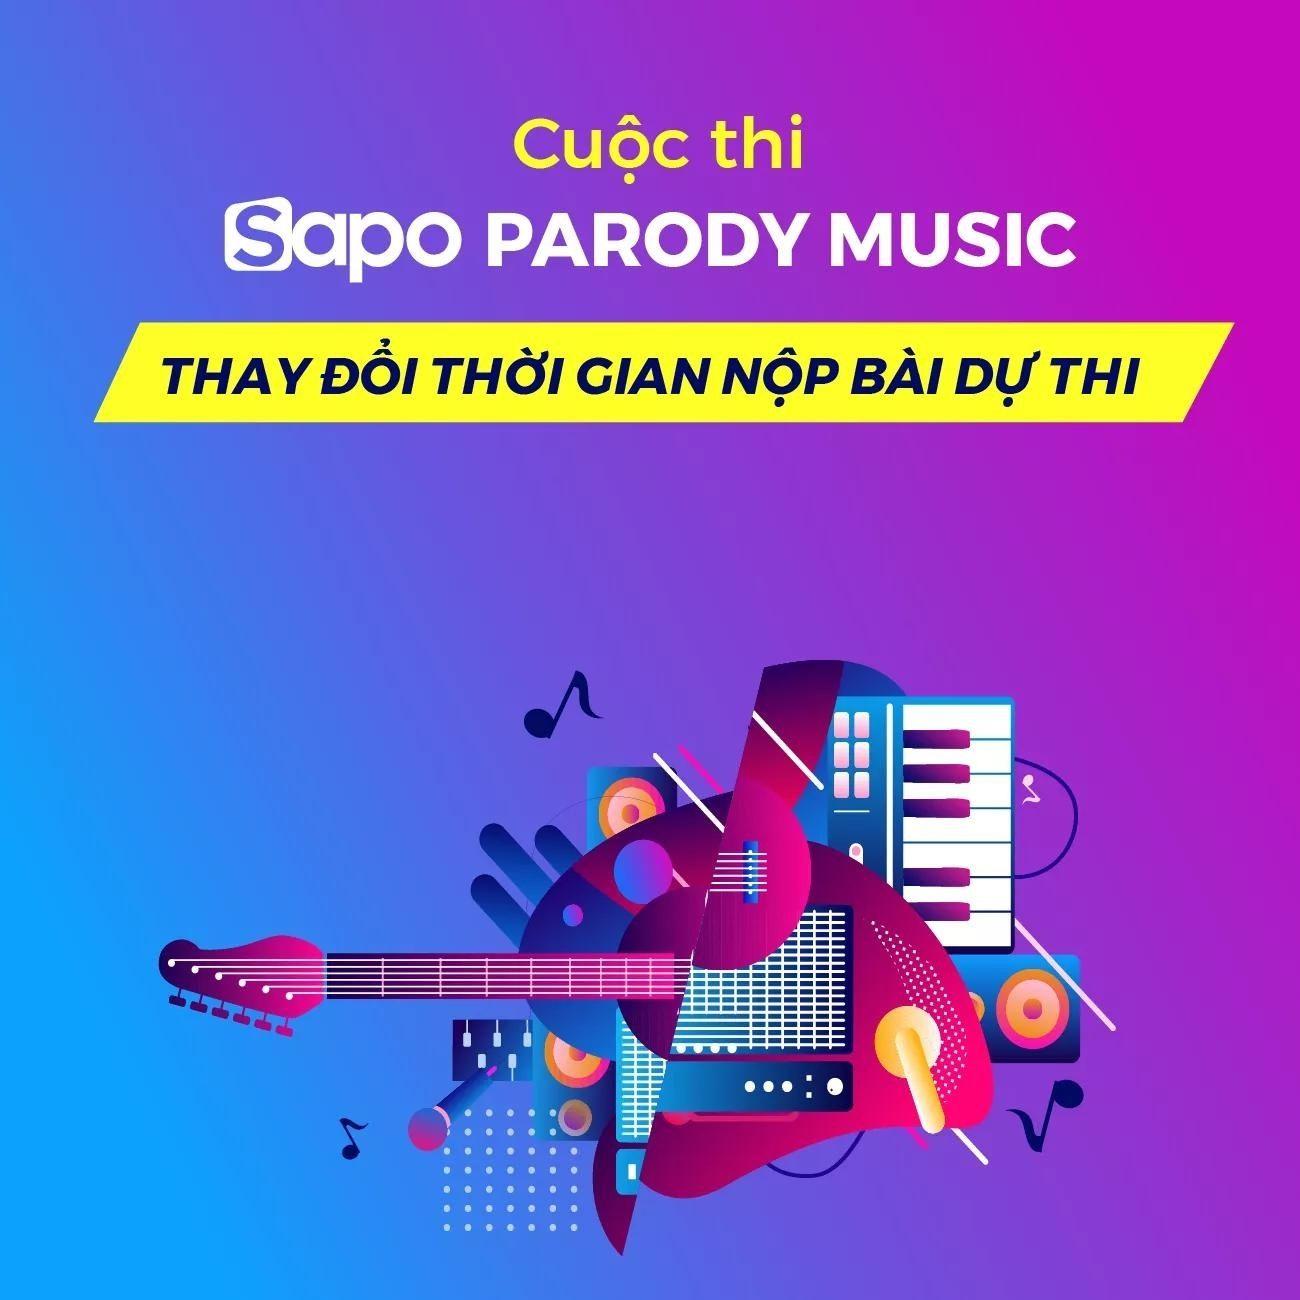 Sapo Parody Music: Thay đổi thời gian nộp bài dự thi